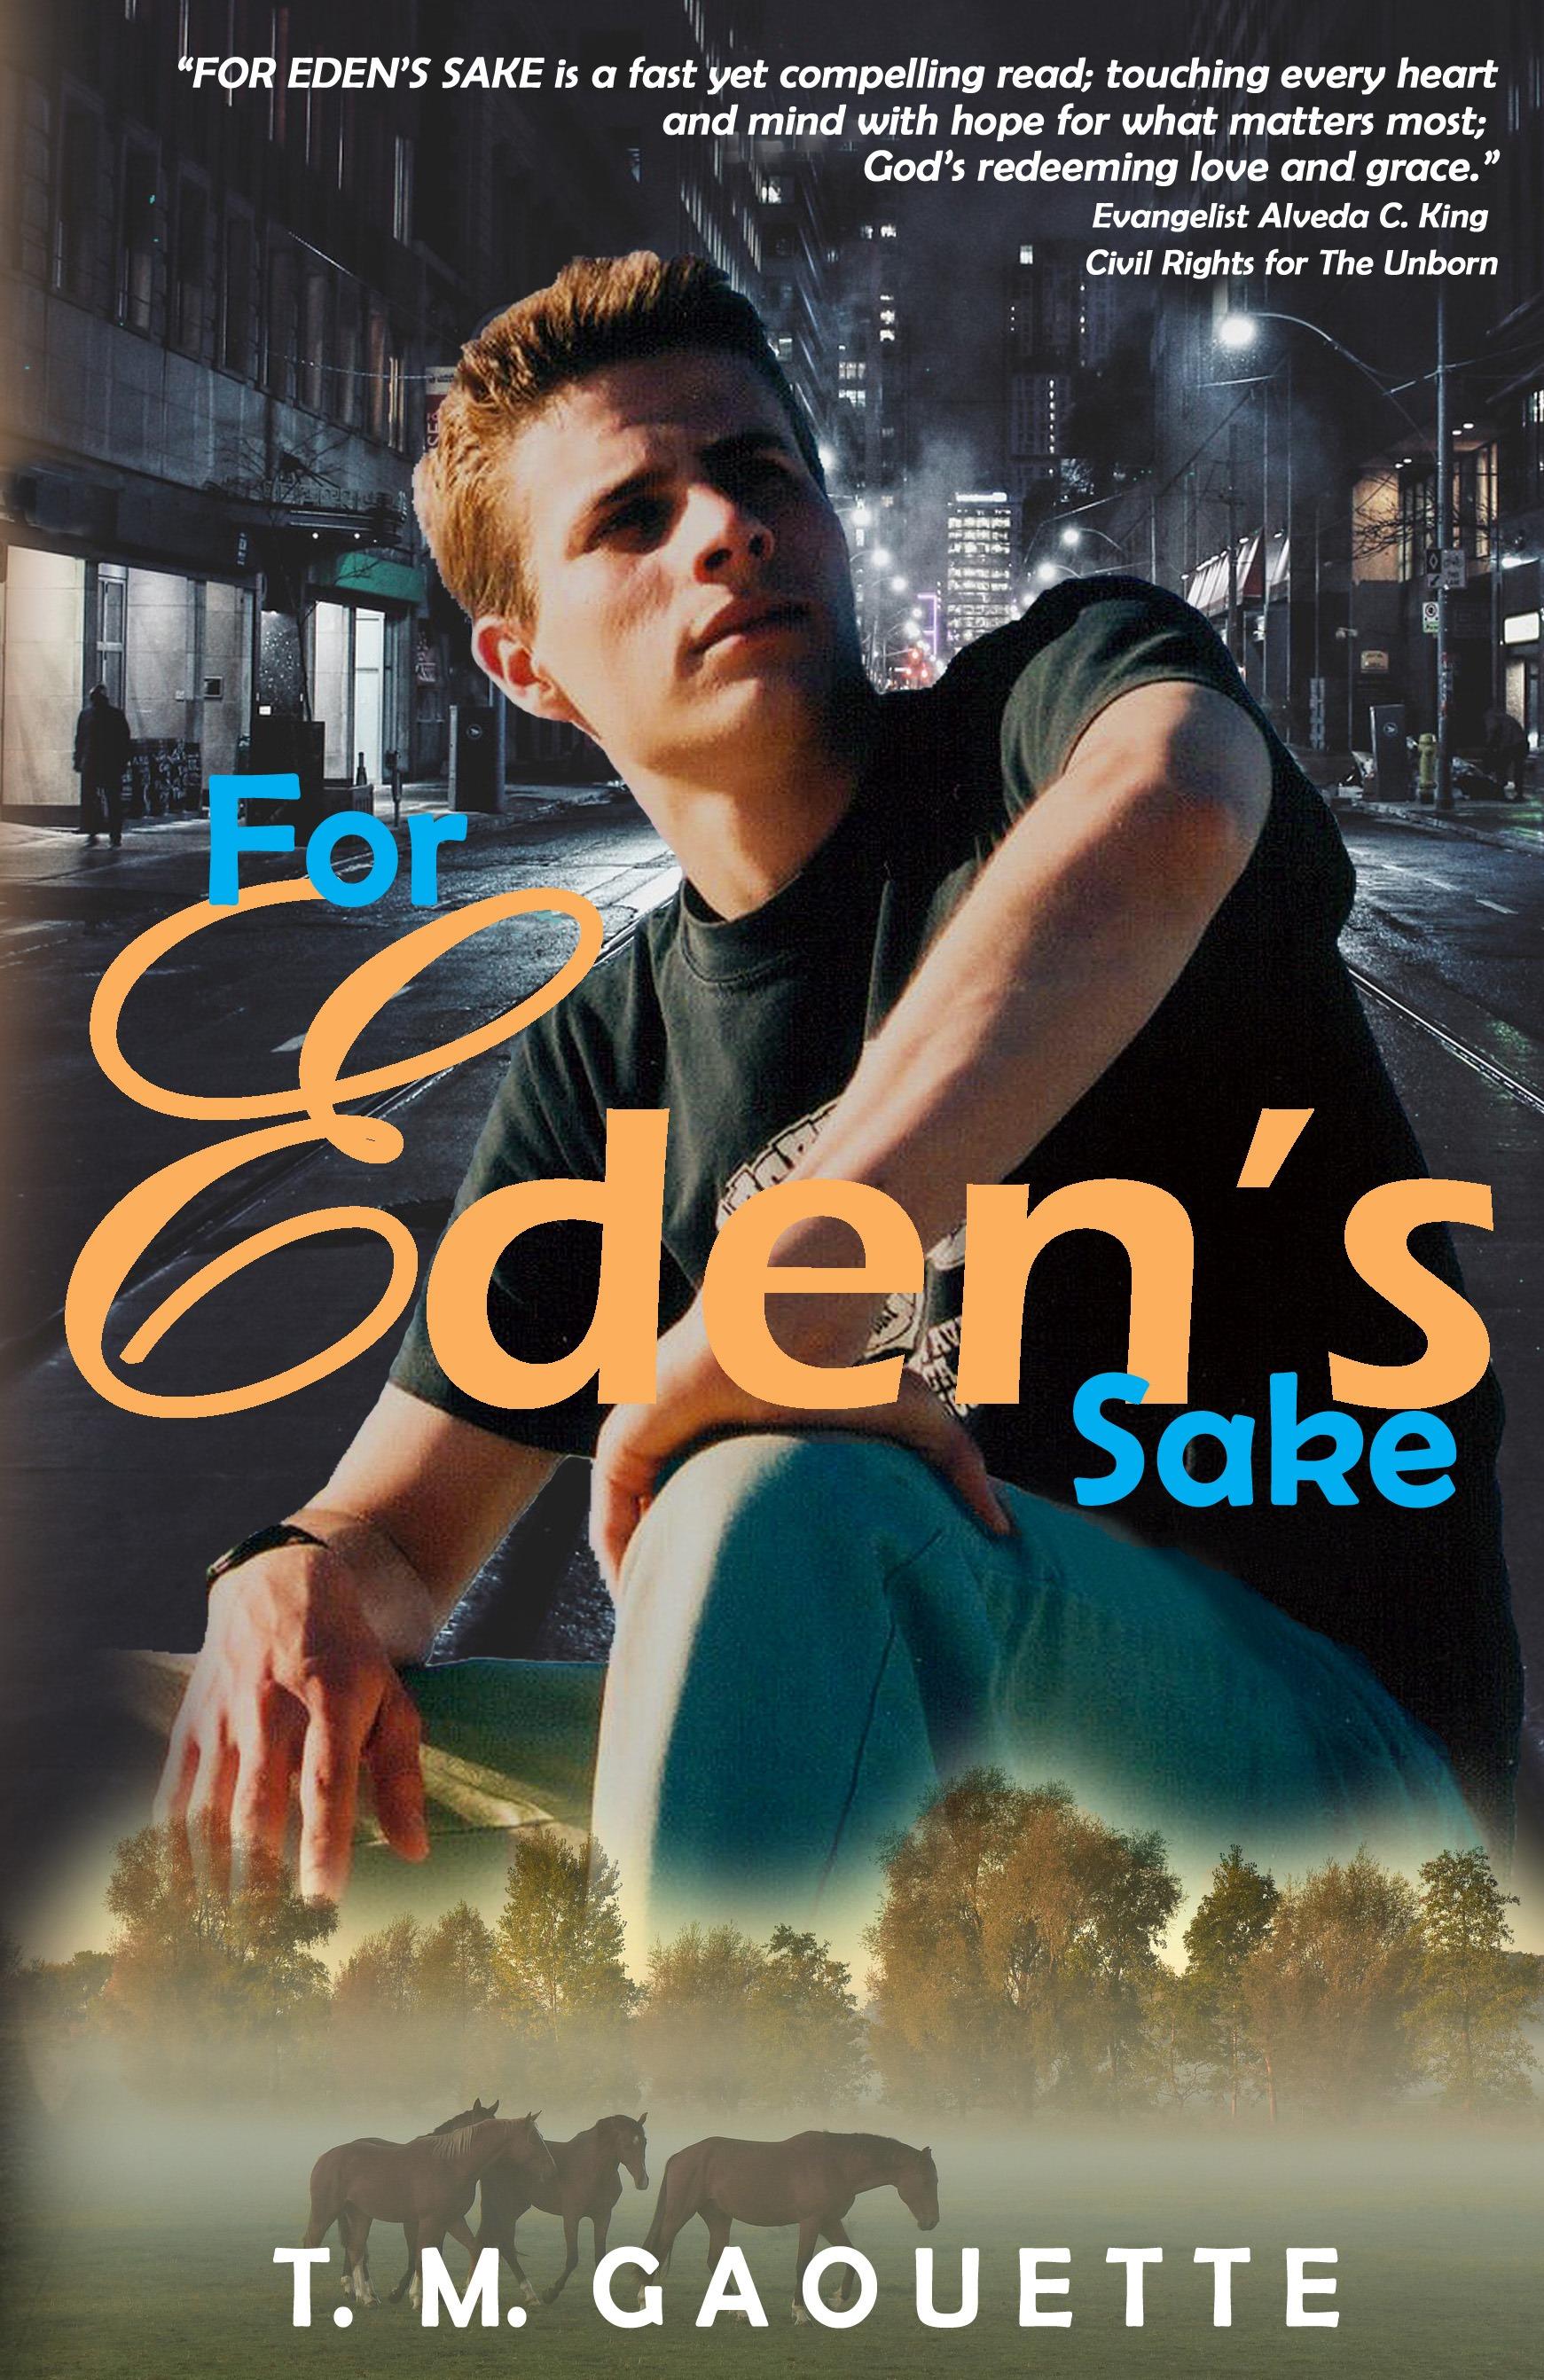 For Eden's Sake